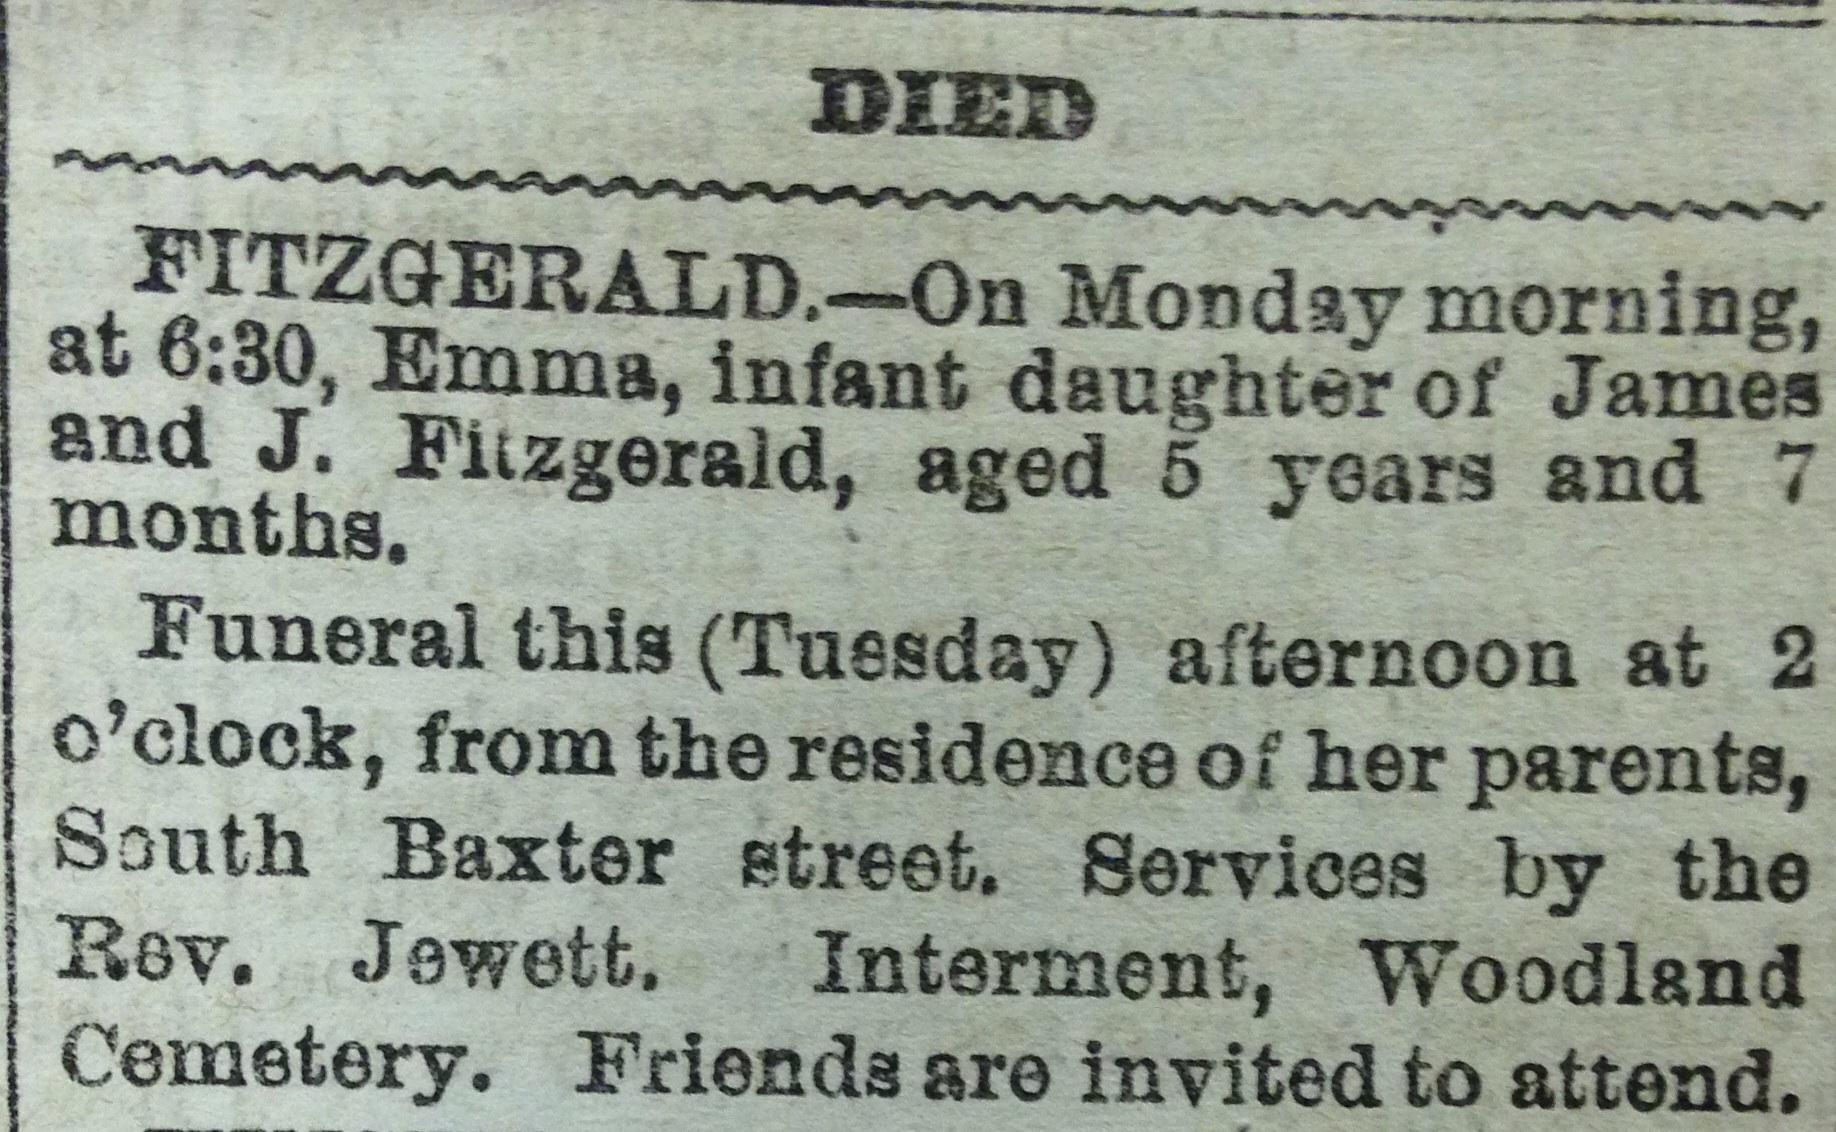 Emma H. Fitzgerald